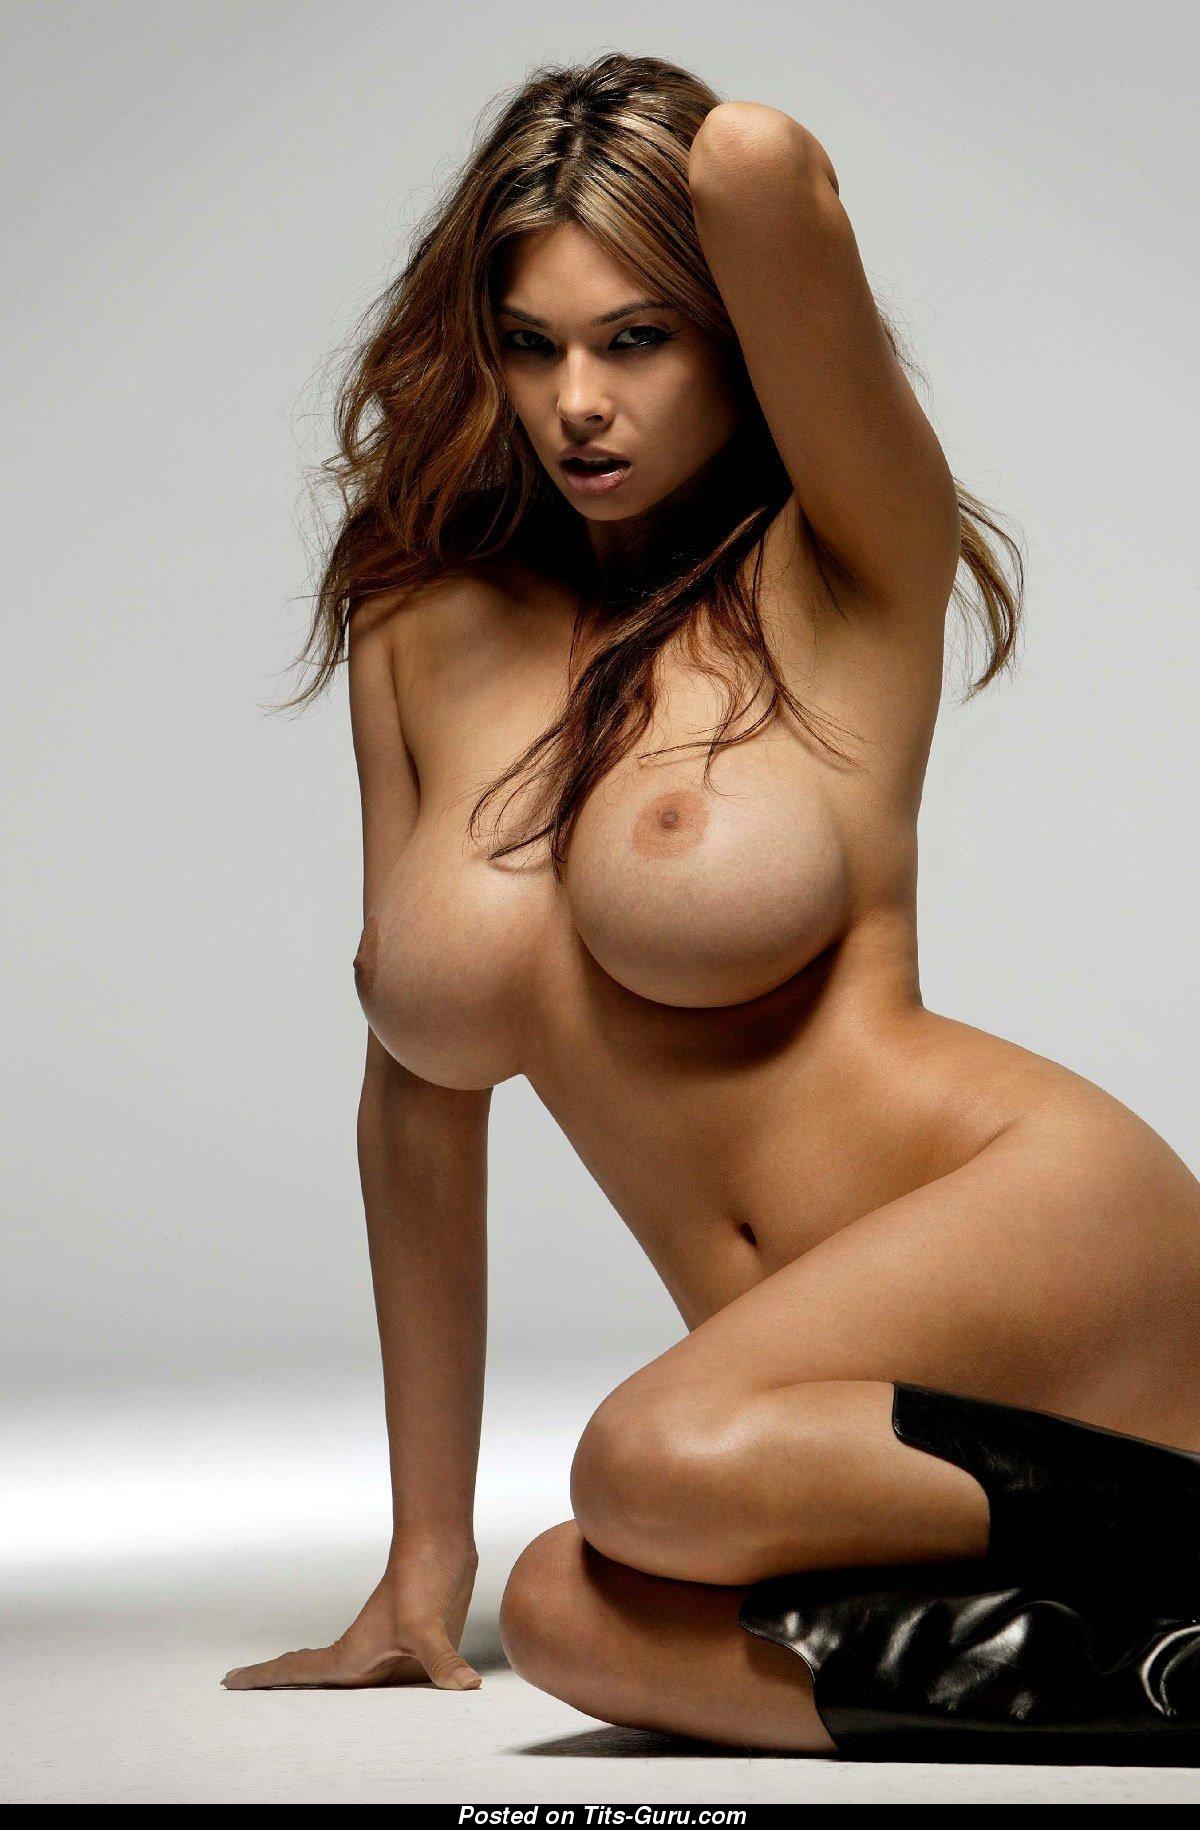 Tera patrick hot naked that